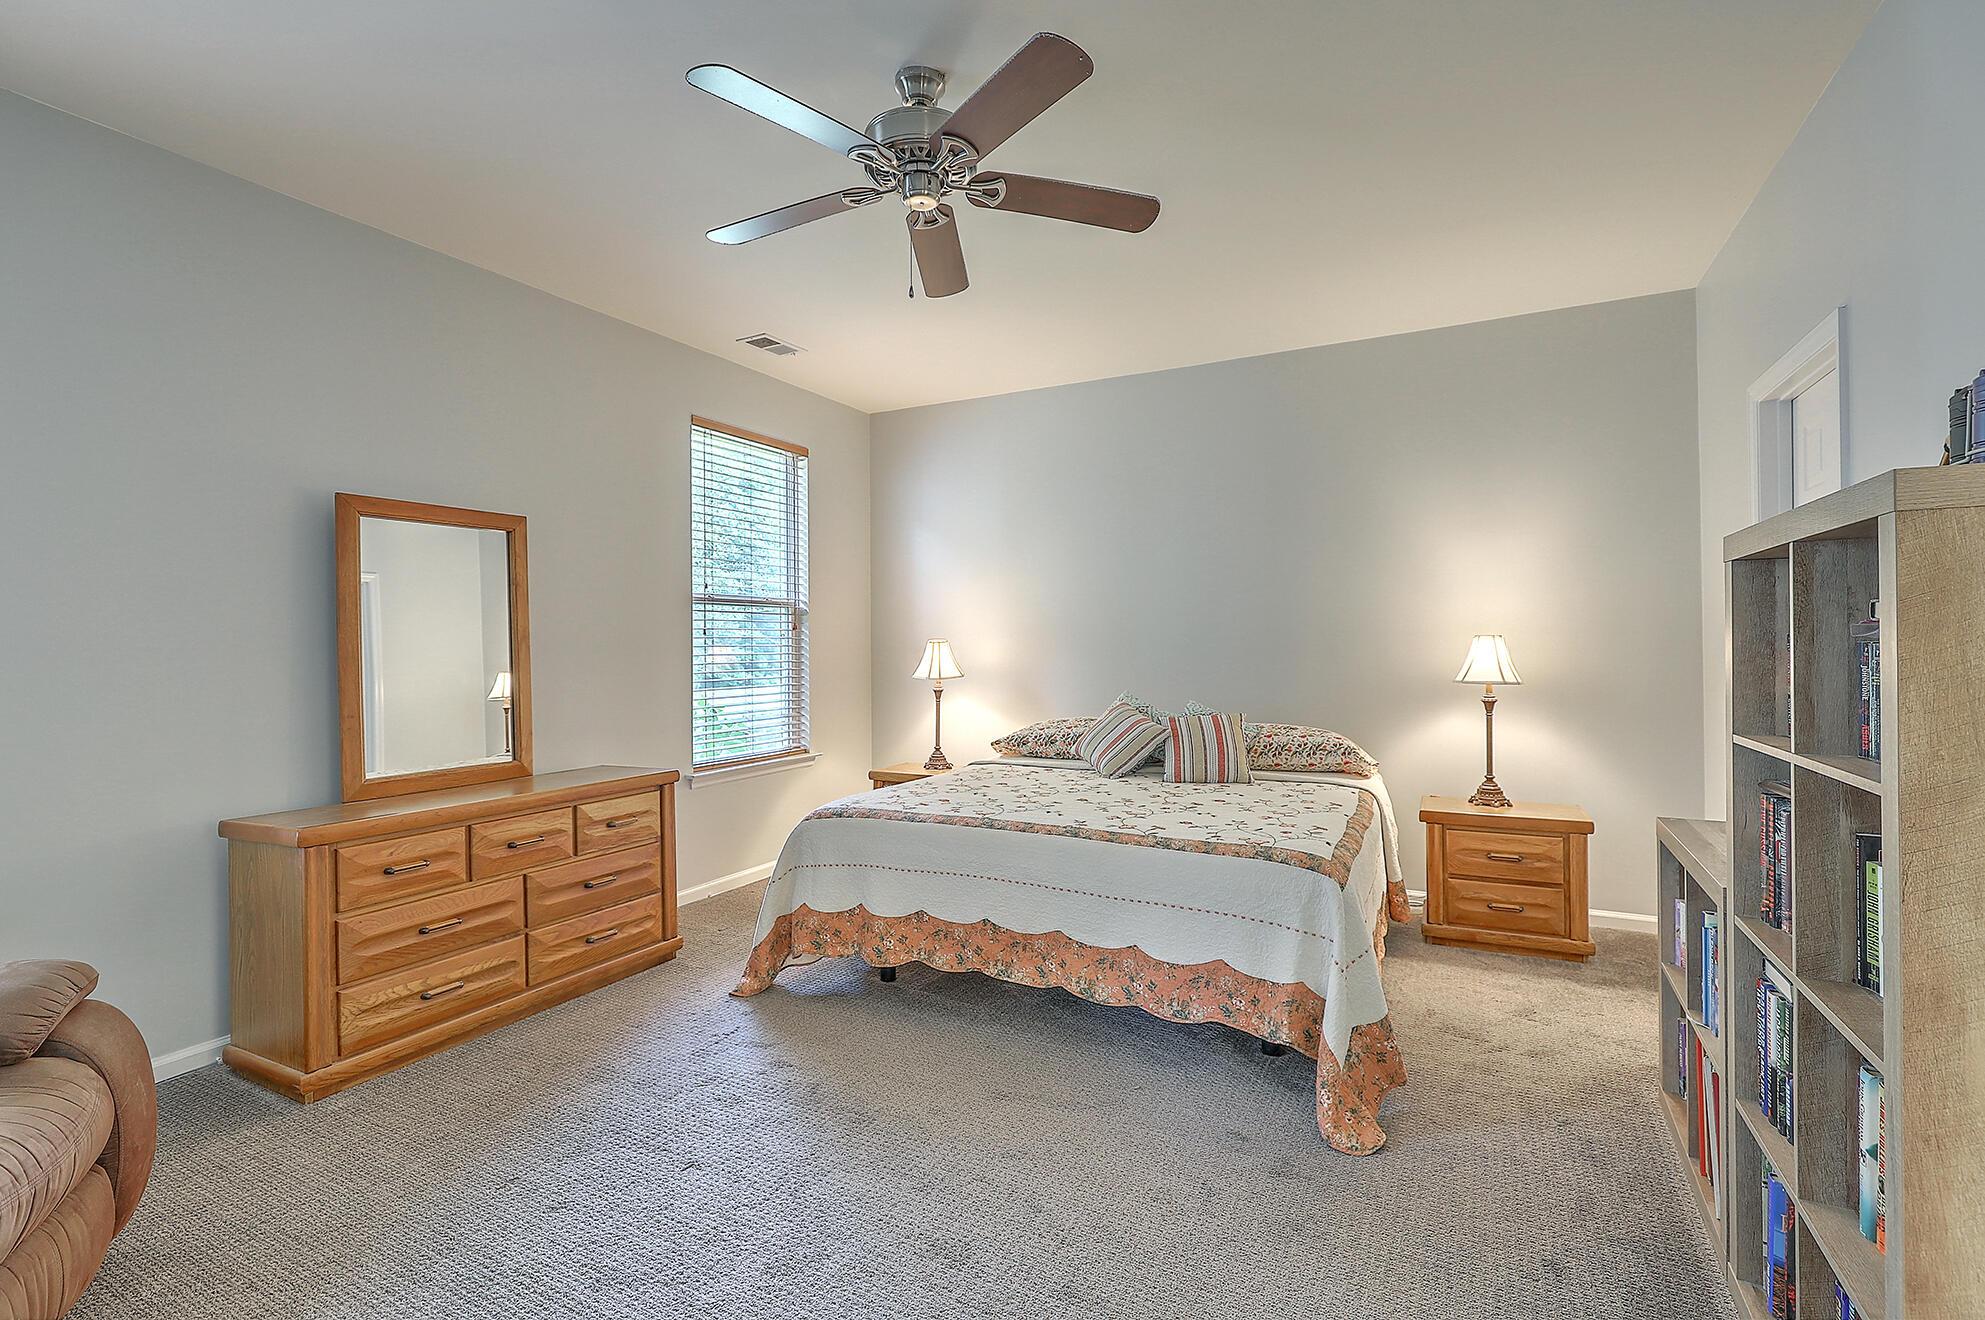 Lieben Park Homes For Sale - 3631 Franklin Tower, Mount Pleasant, SC - 12